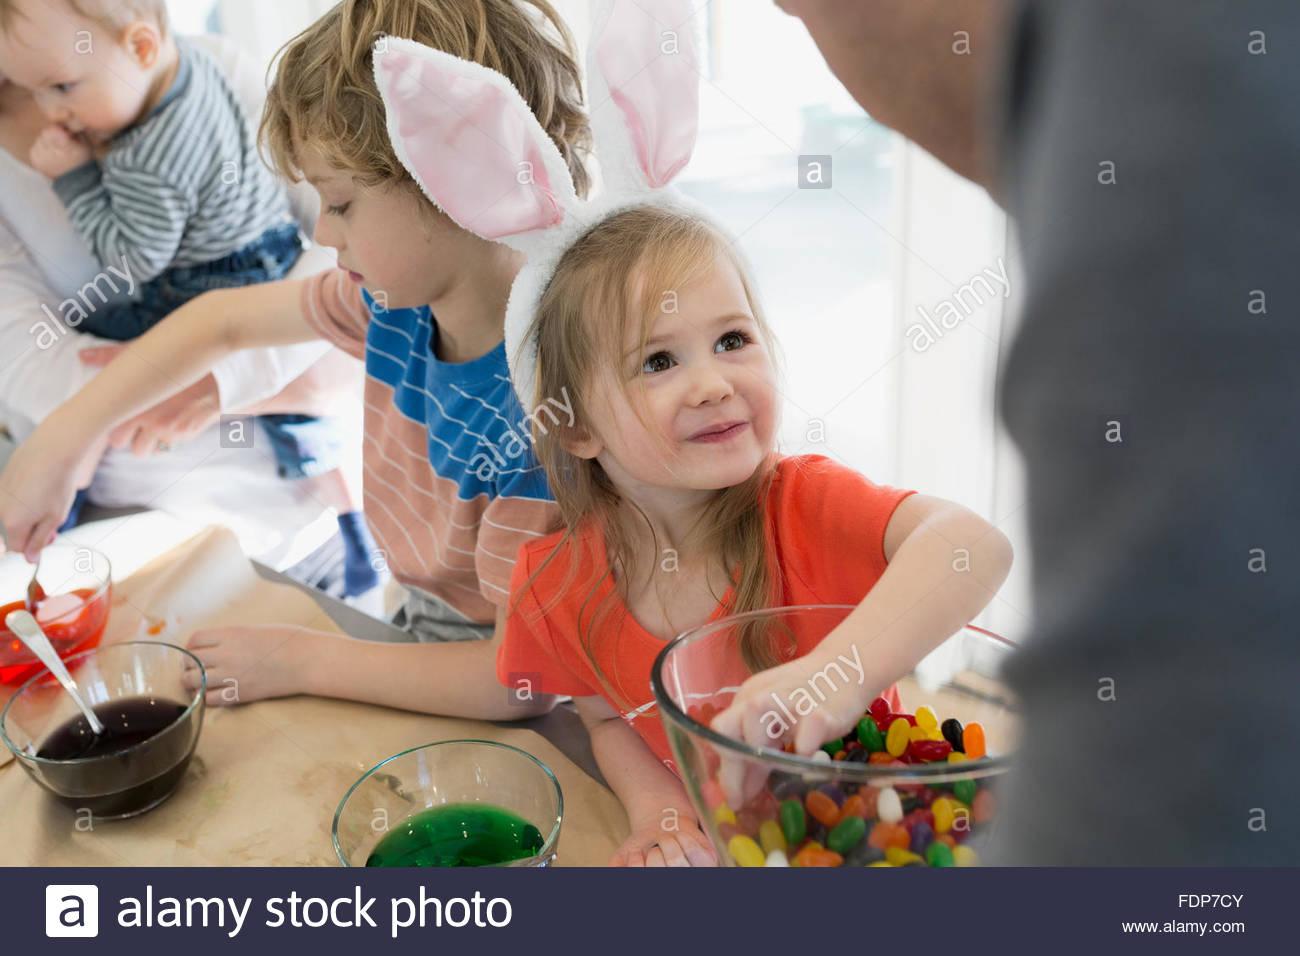 Jolie fille en oreilles de lapin souriant jusqu'père Photo Stock